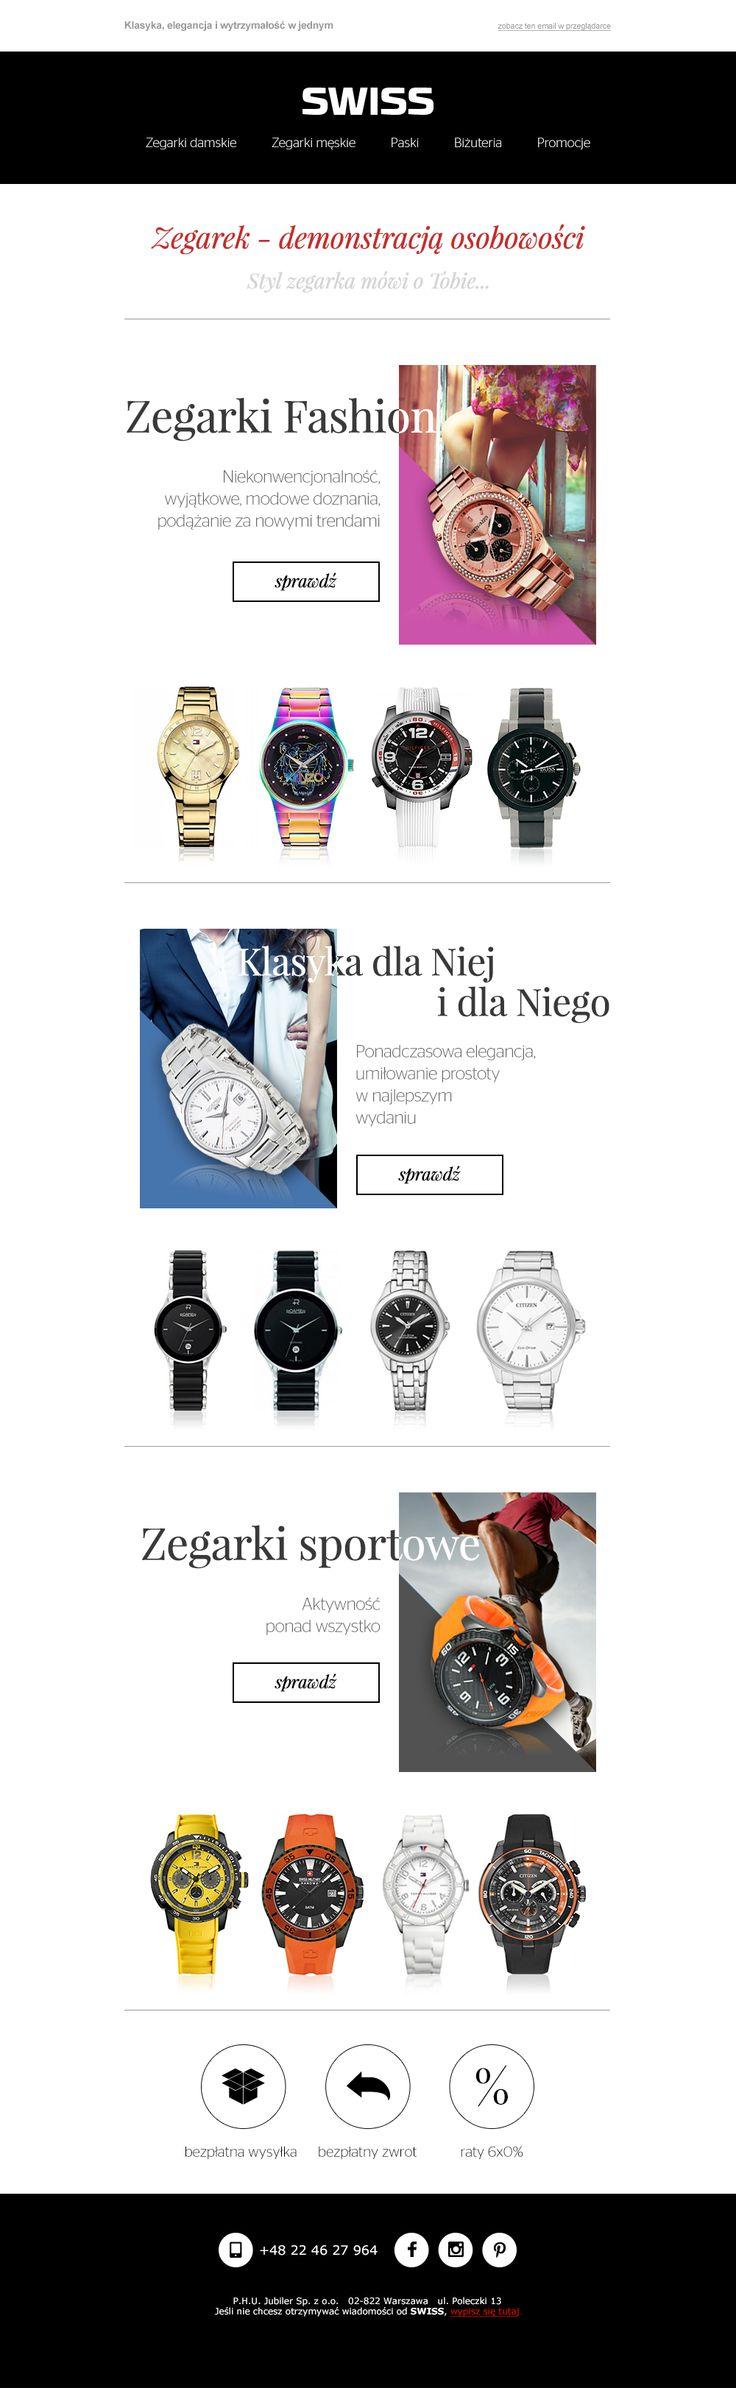 """""""Zegarek - demonstracją osobowości"""" - newsletter nawołujący do kupna zegarka pasującego do osobowości. Kampania cieszyła się bardzo dużym powodzeniem. #newsletter #swiss #template #ecommerce #email #watches"""